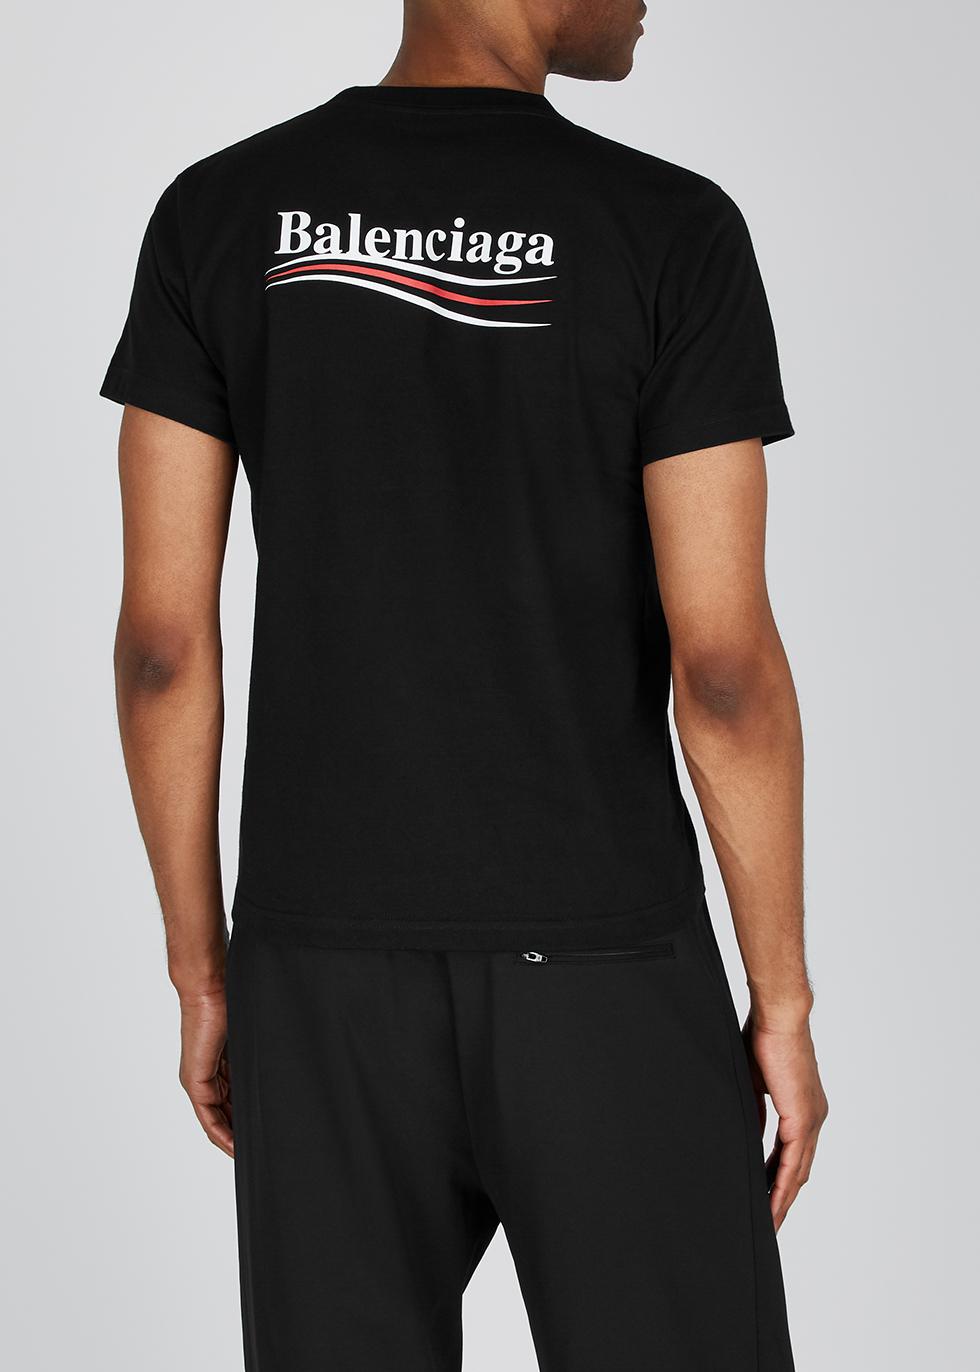 Balenciaga Black logo cotton T-shirt